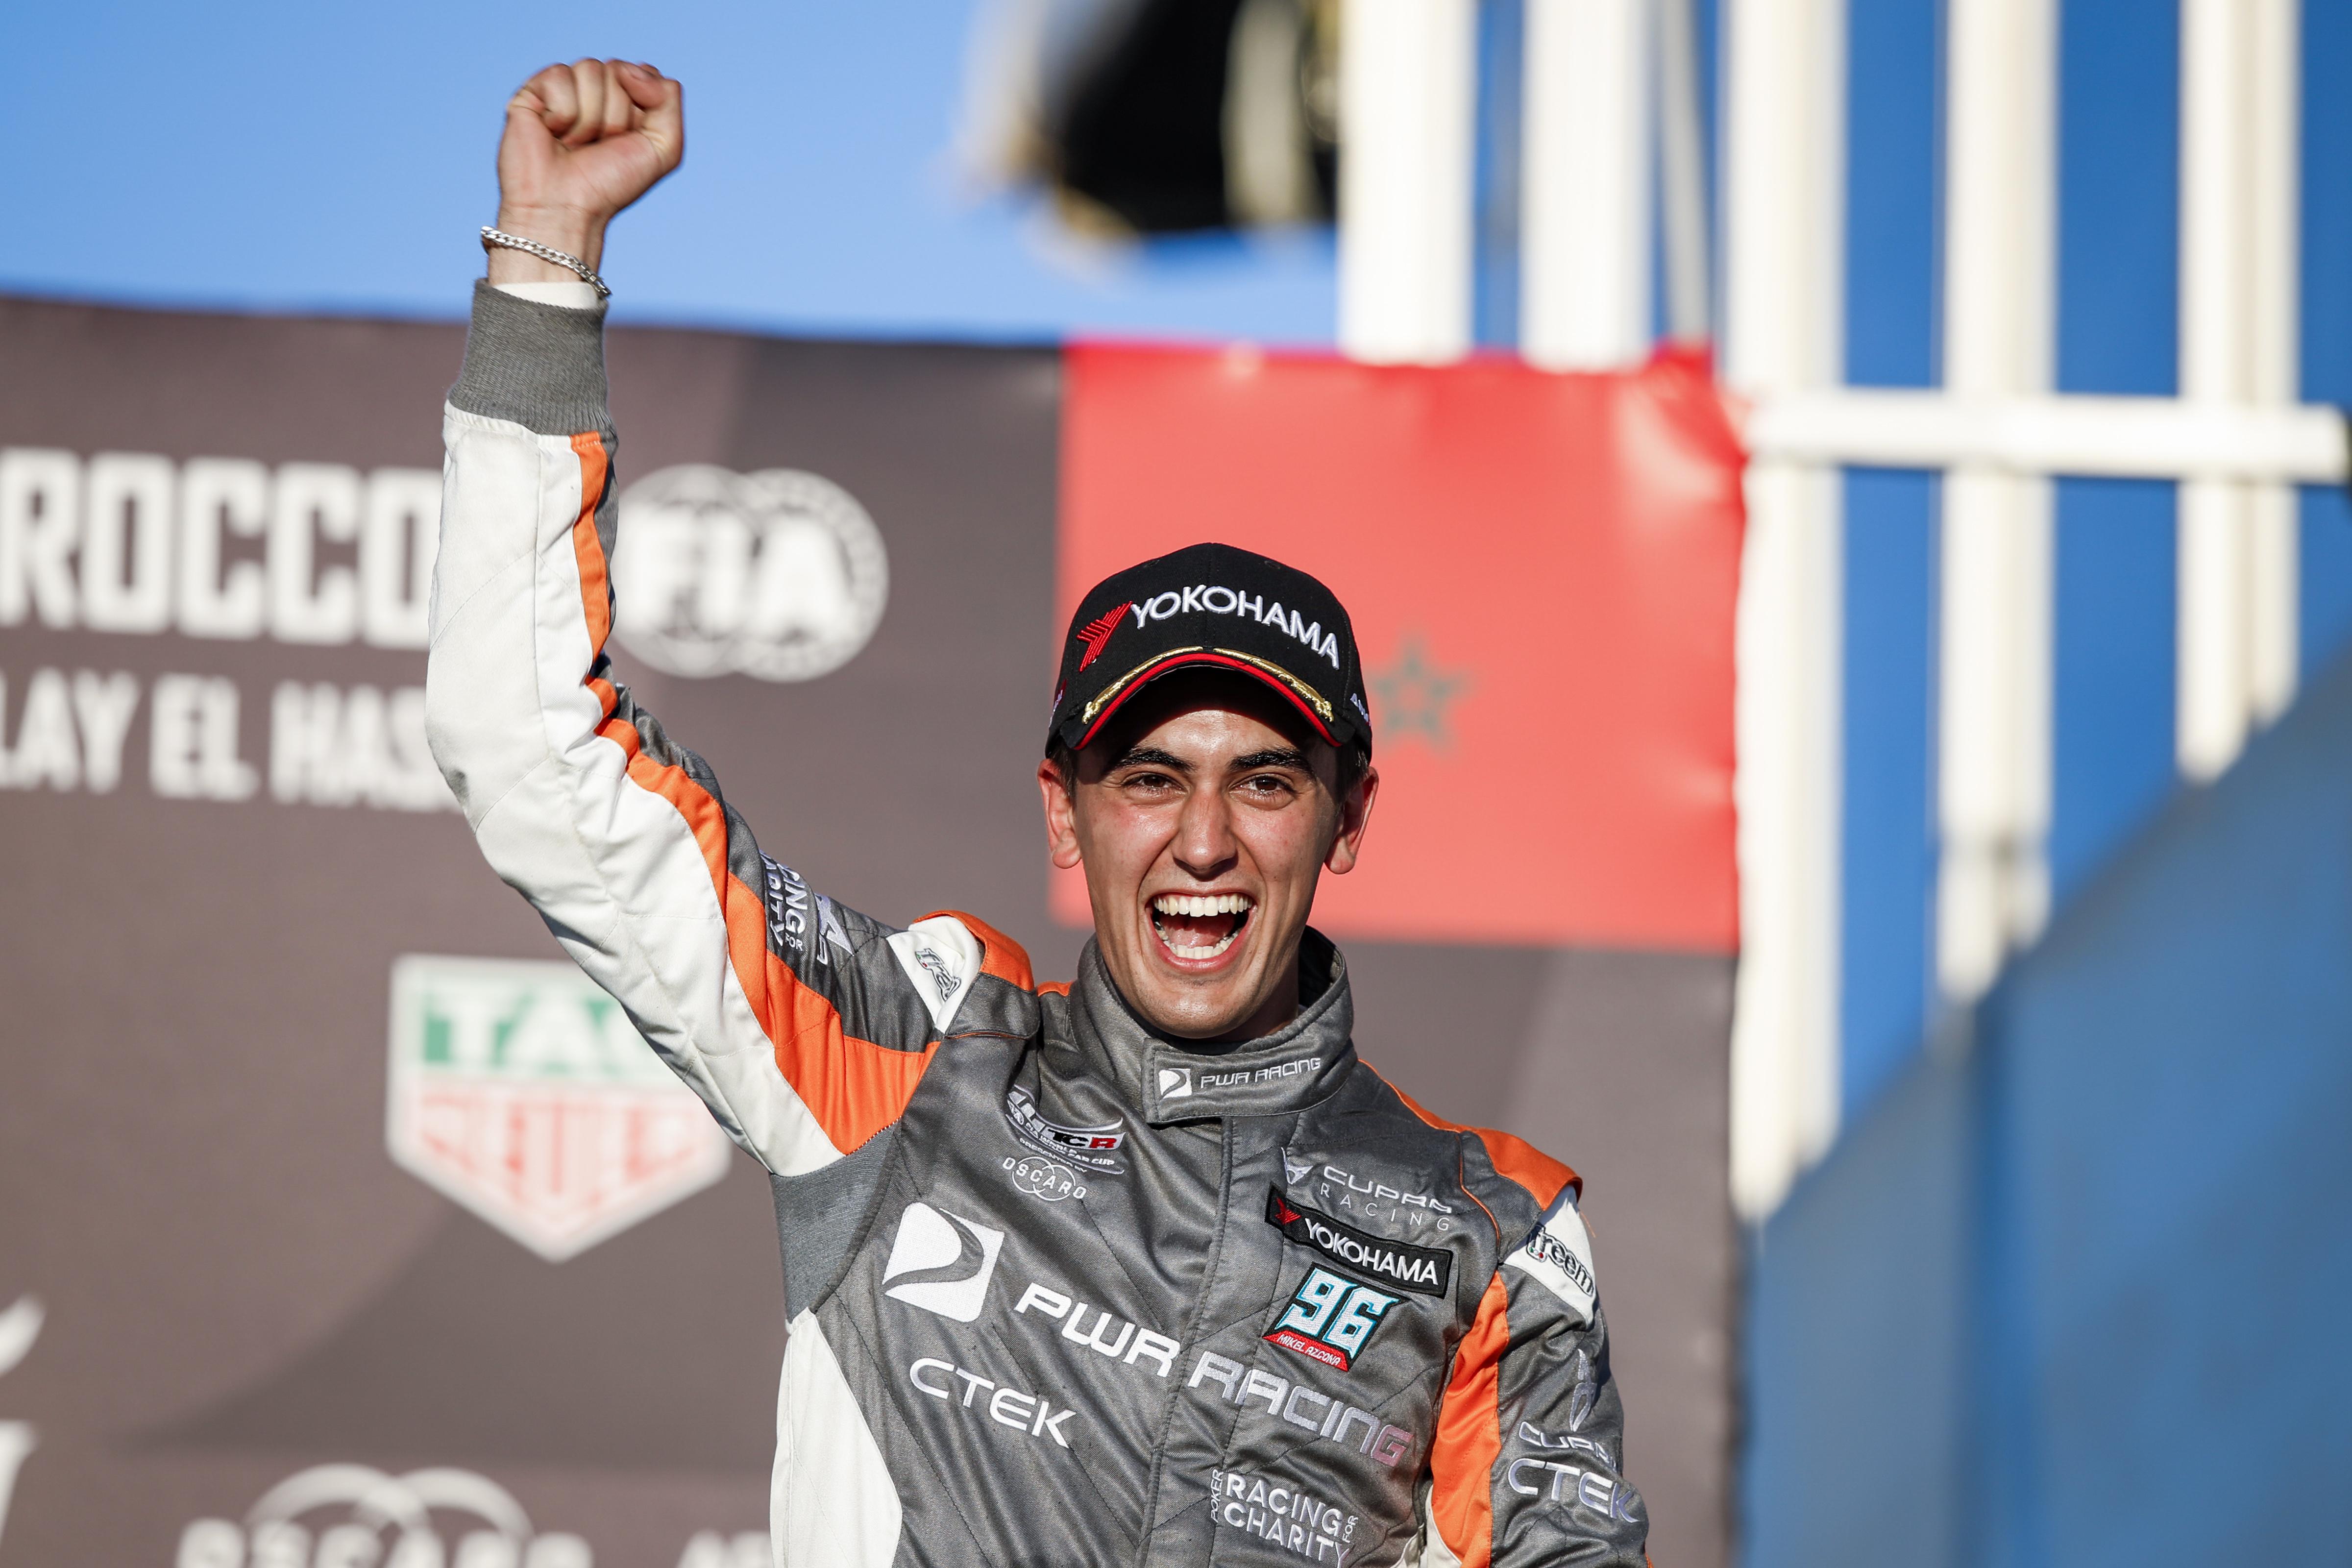 El joven Azcona no esperaba acabar en el podio en su debut